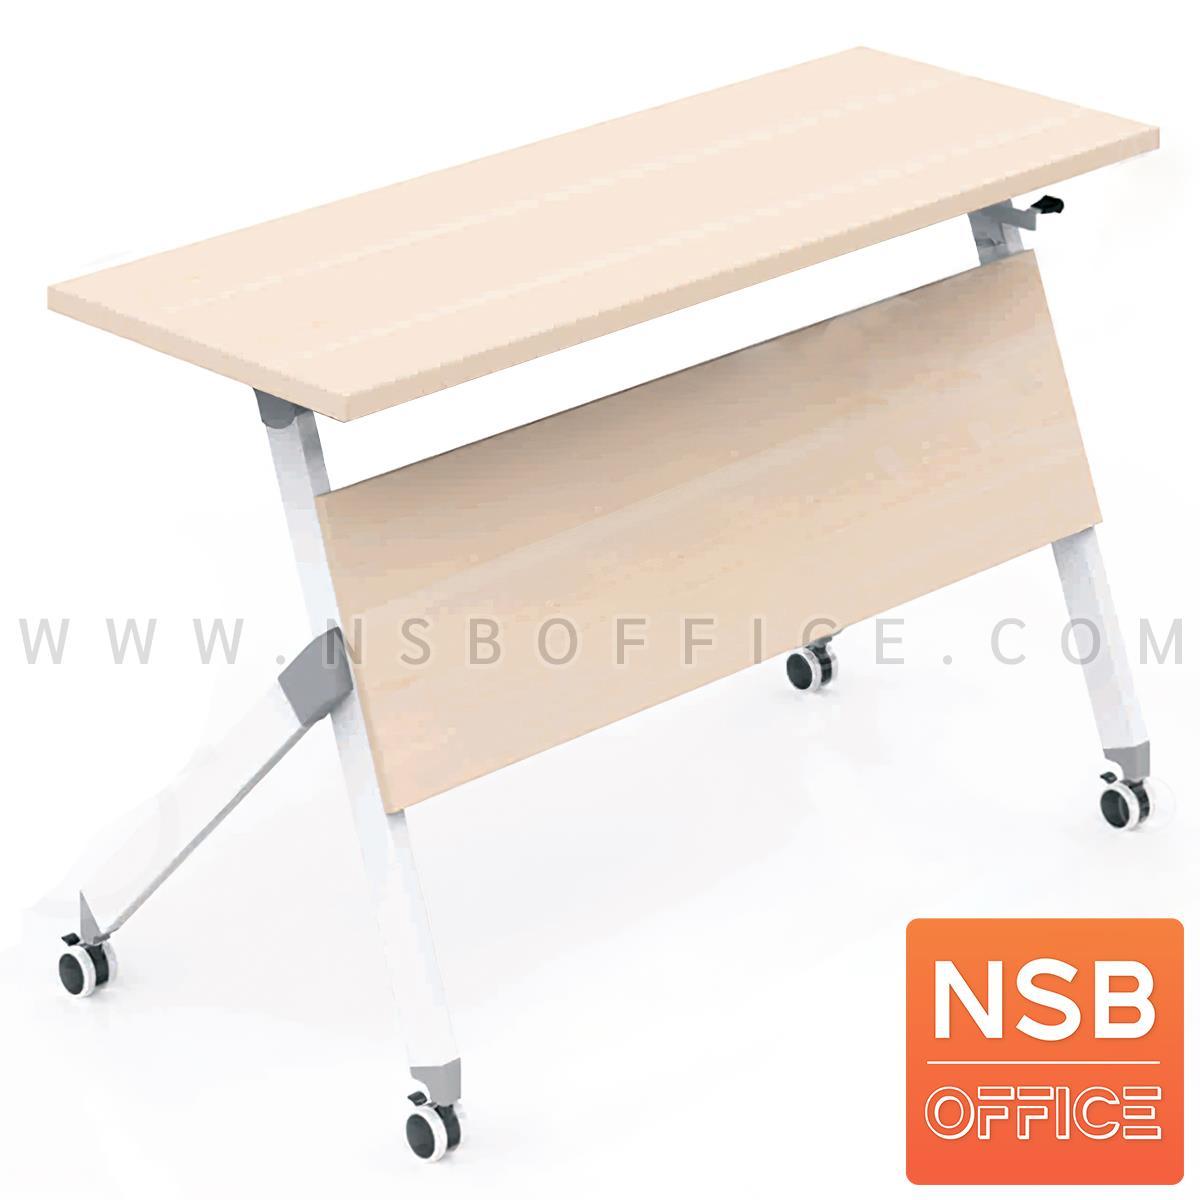 A18A094:โต๊ะพับล้อเลื่อน รุ่น Marcelline (มาเซลีน)  ขนาด 150W cm. โครงขาเหล็ก ลูกล้อใหญ่